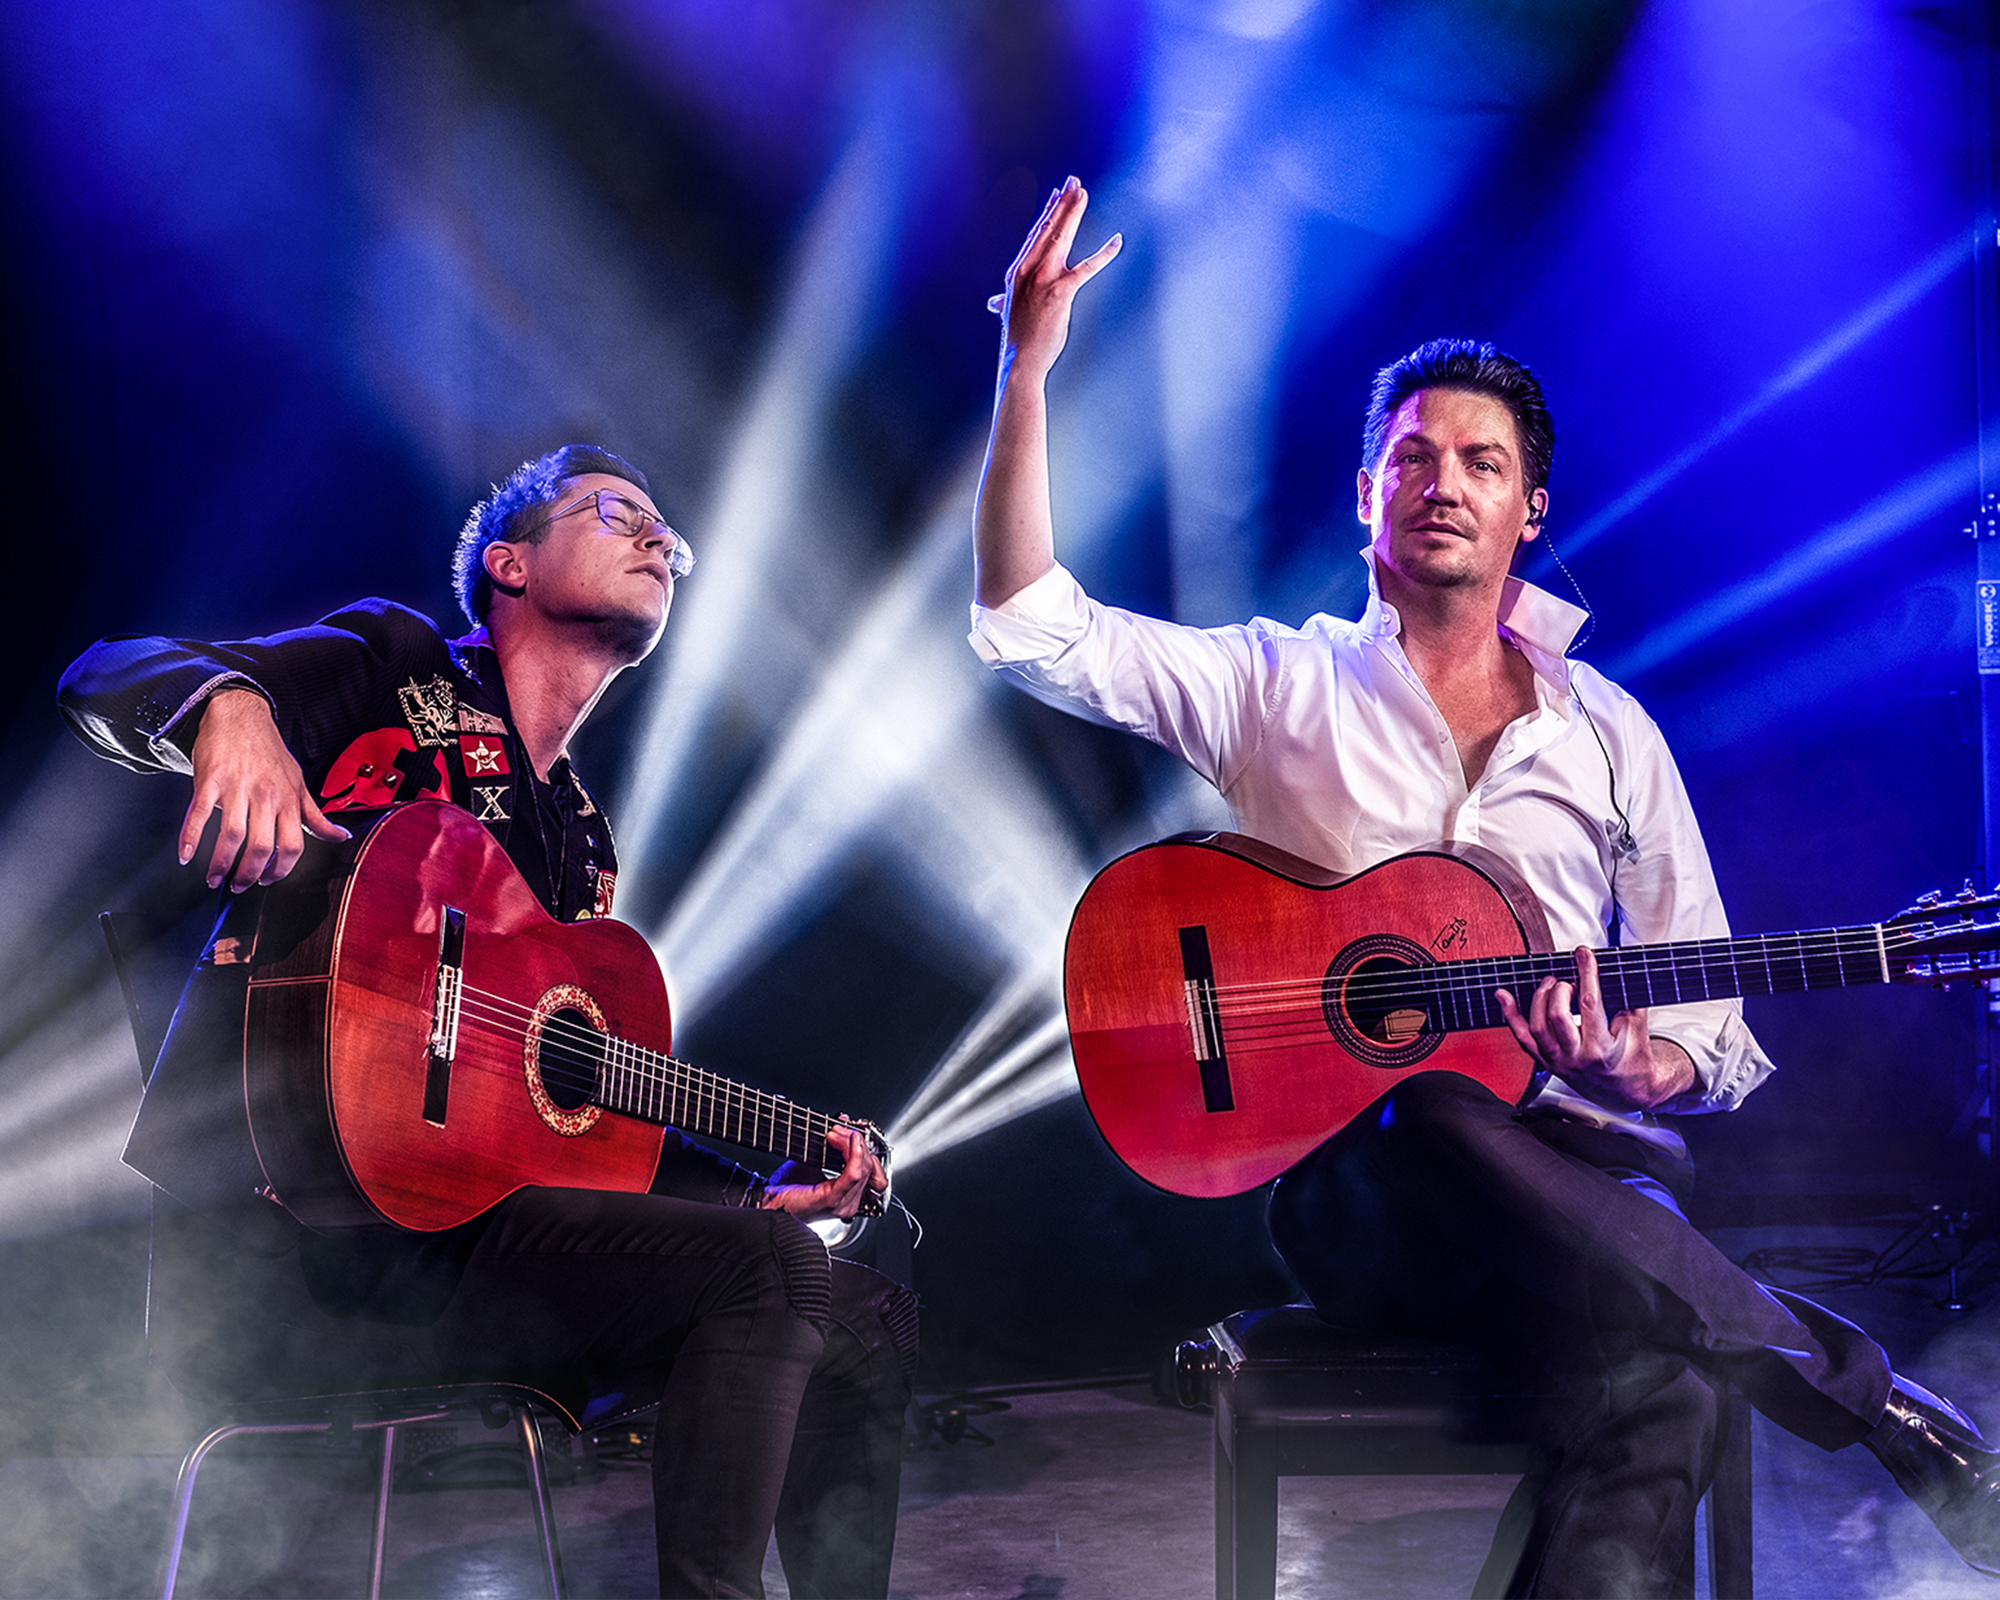 Zwei Männer mit Gitarre vor blauem Hintergrund